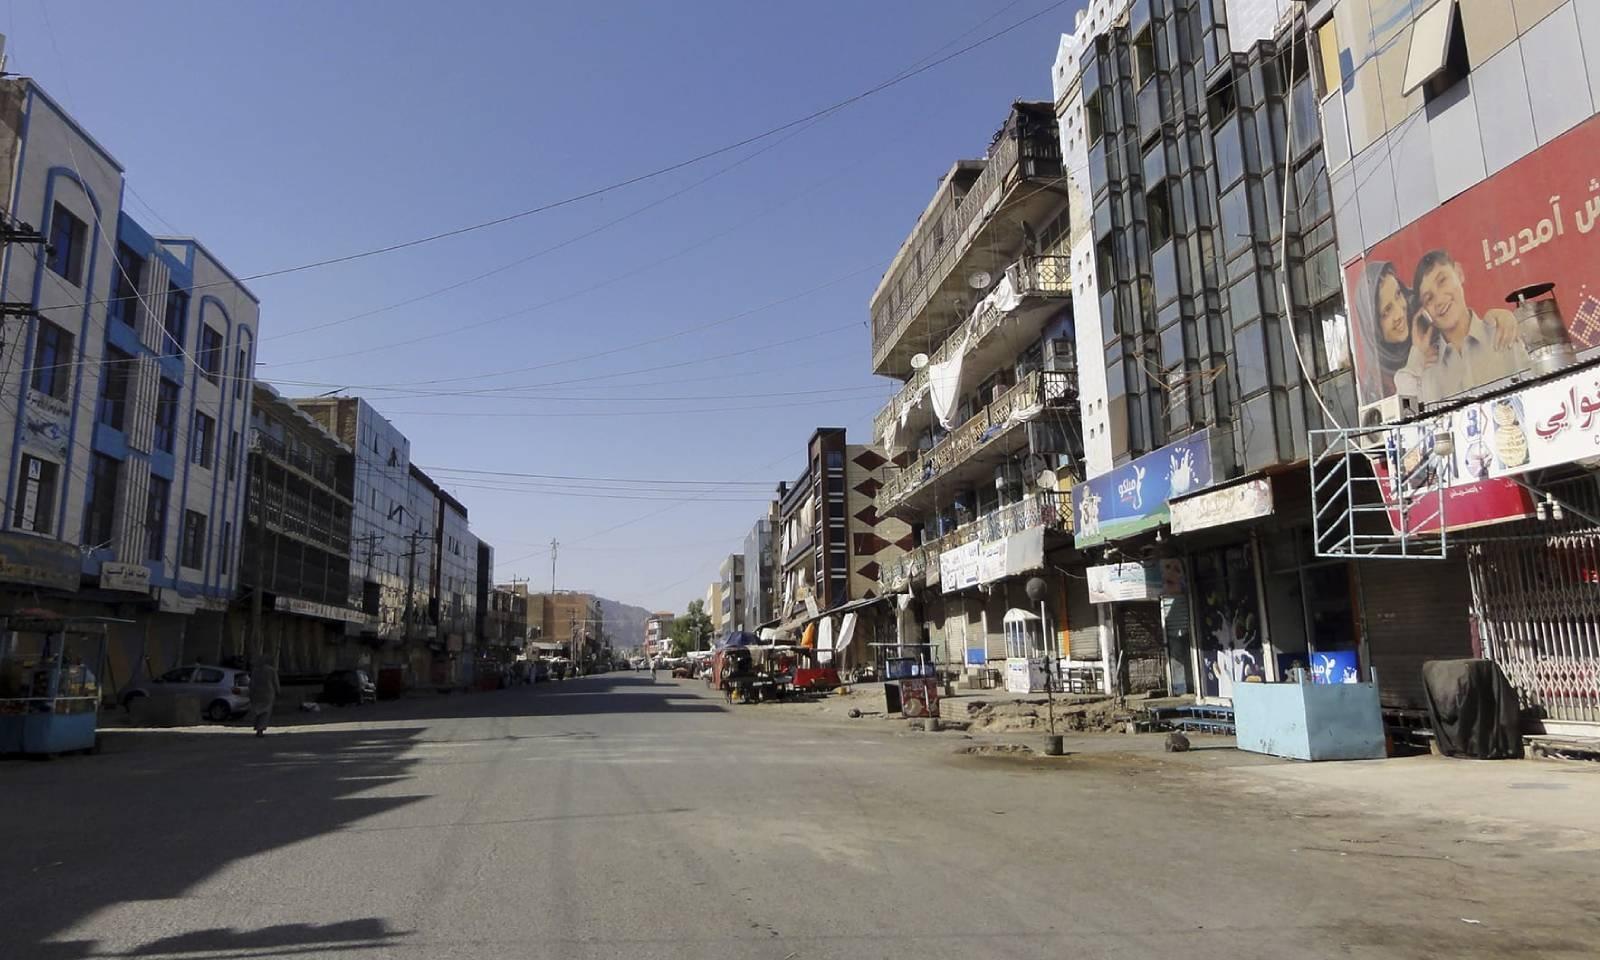 طالبان اور افغان سیکیورٹی فروسز کی جھڑپ کے باعث قندھار میں مارکیٹیں بند ہیں —فوٹو: اے پی